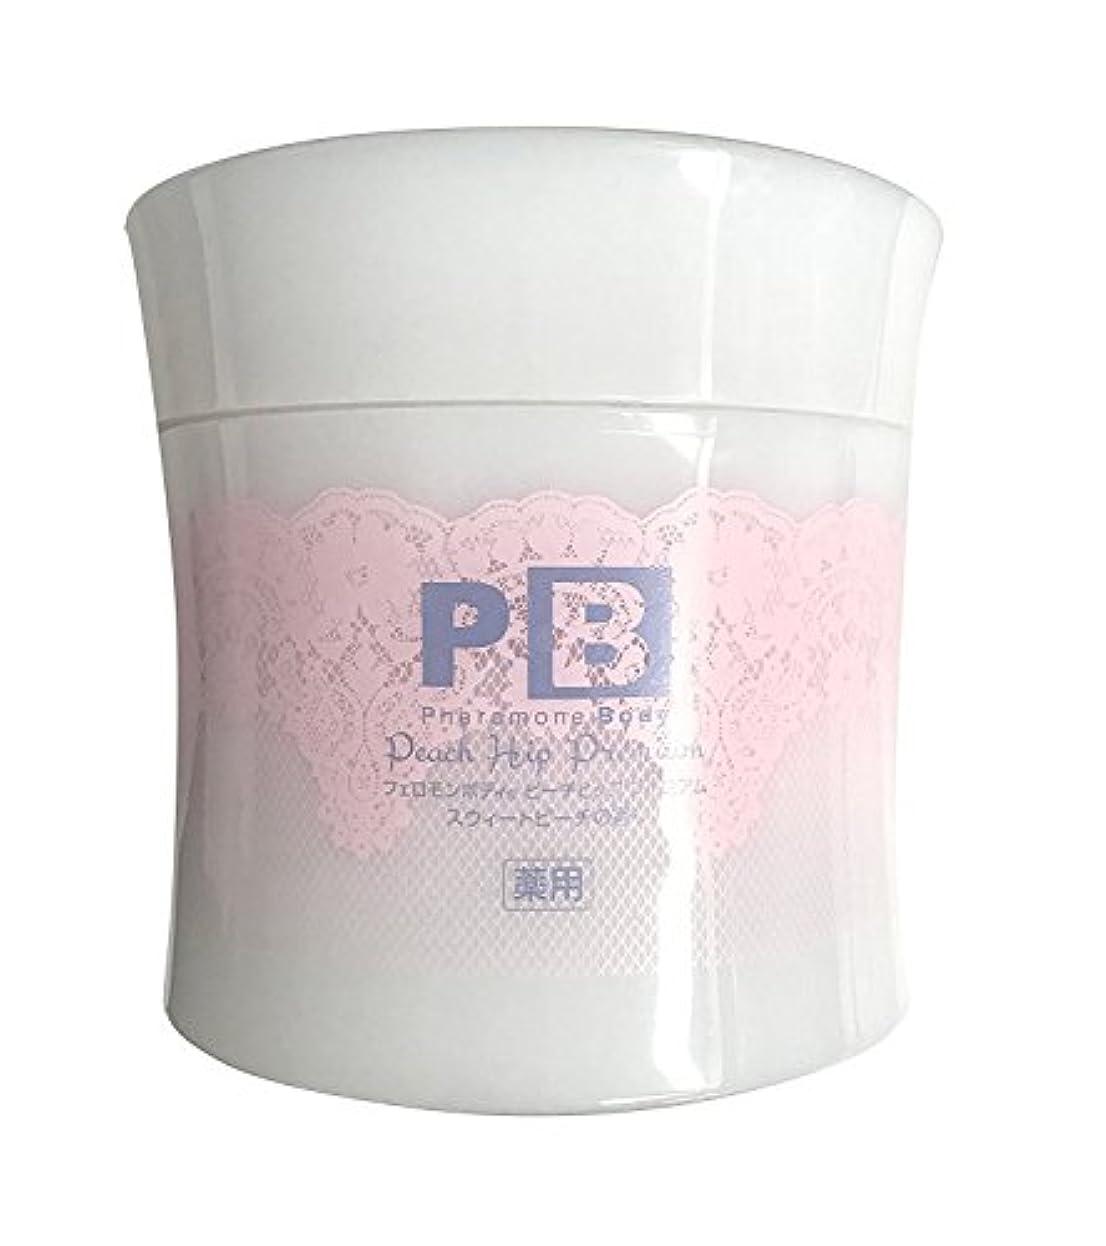 ビーズ硫黄フィッティング2個セットフェロモンボディ ピーチヒップ スウィートピーチの香り 500g